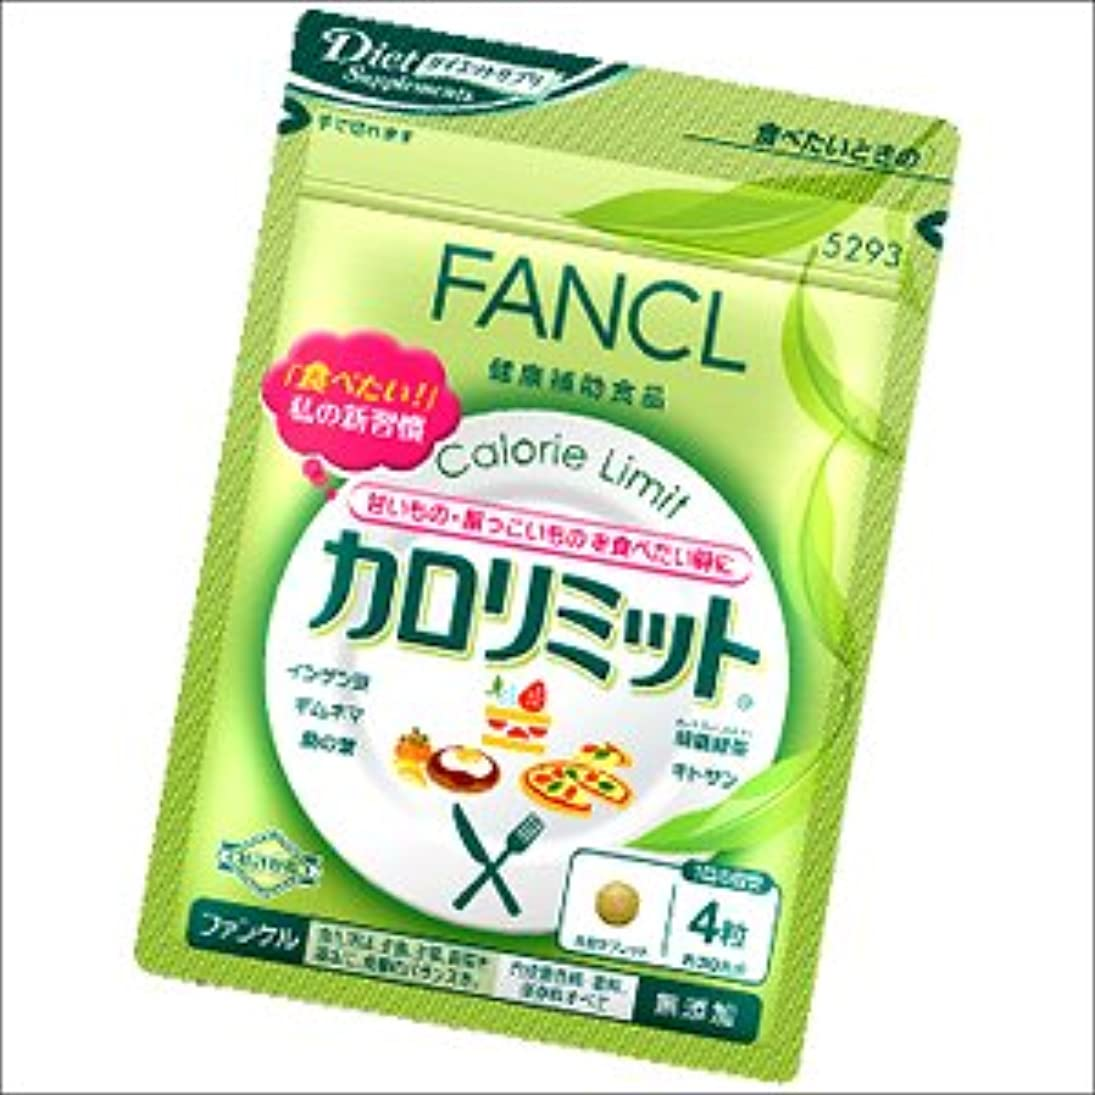 毒液見込み寂しいFANCL カロリミット 約30回/1袋/120粒